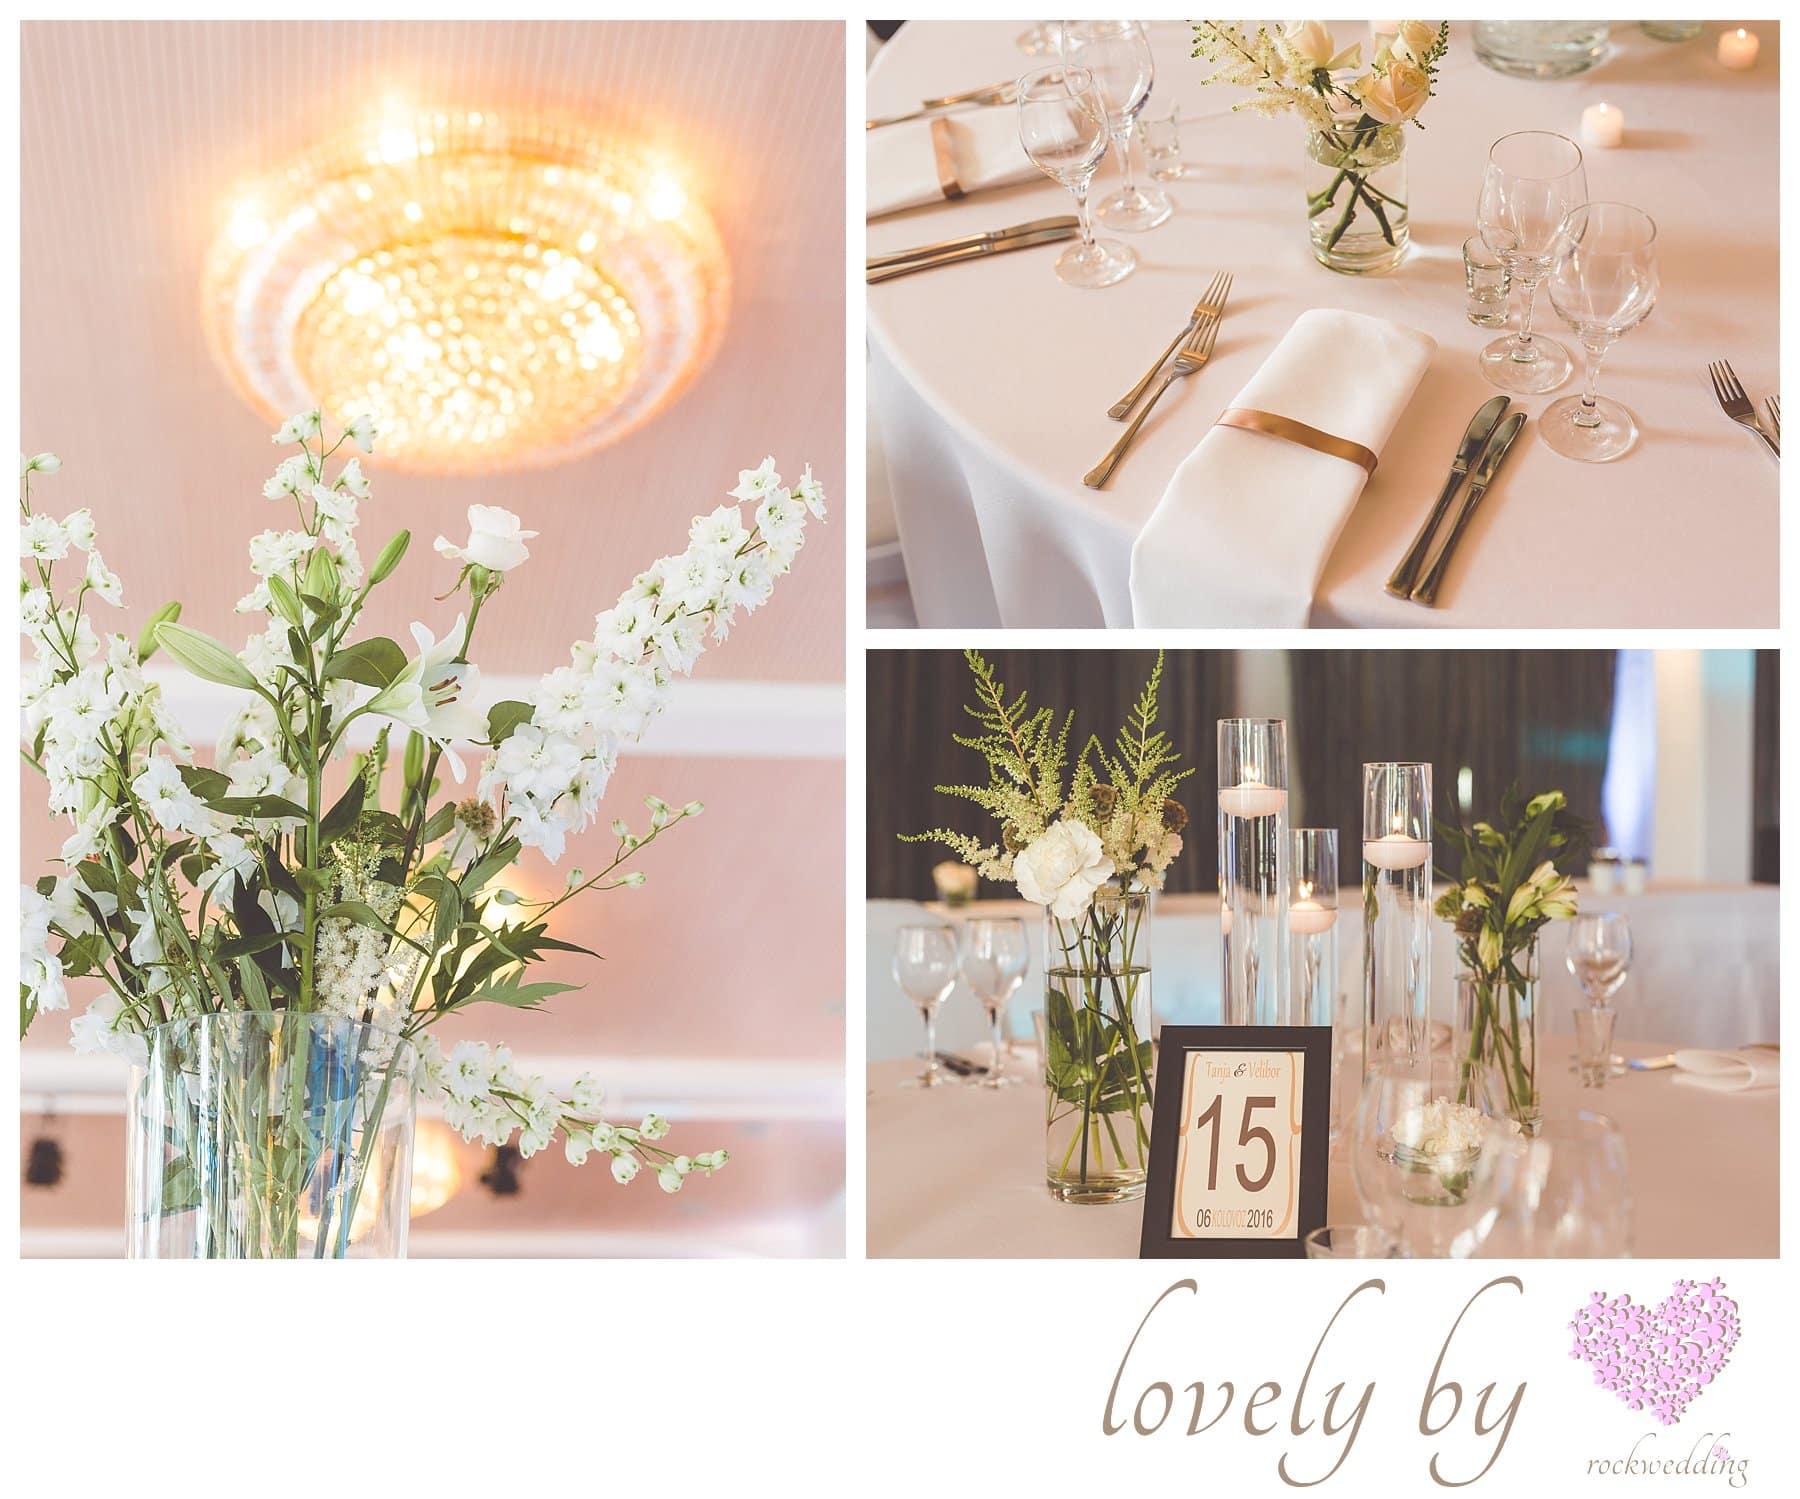 Hochzeitsplaner-Weddingplanner-Schoenenwerd-Ballyhouse_3064